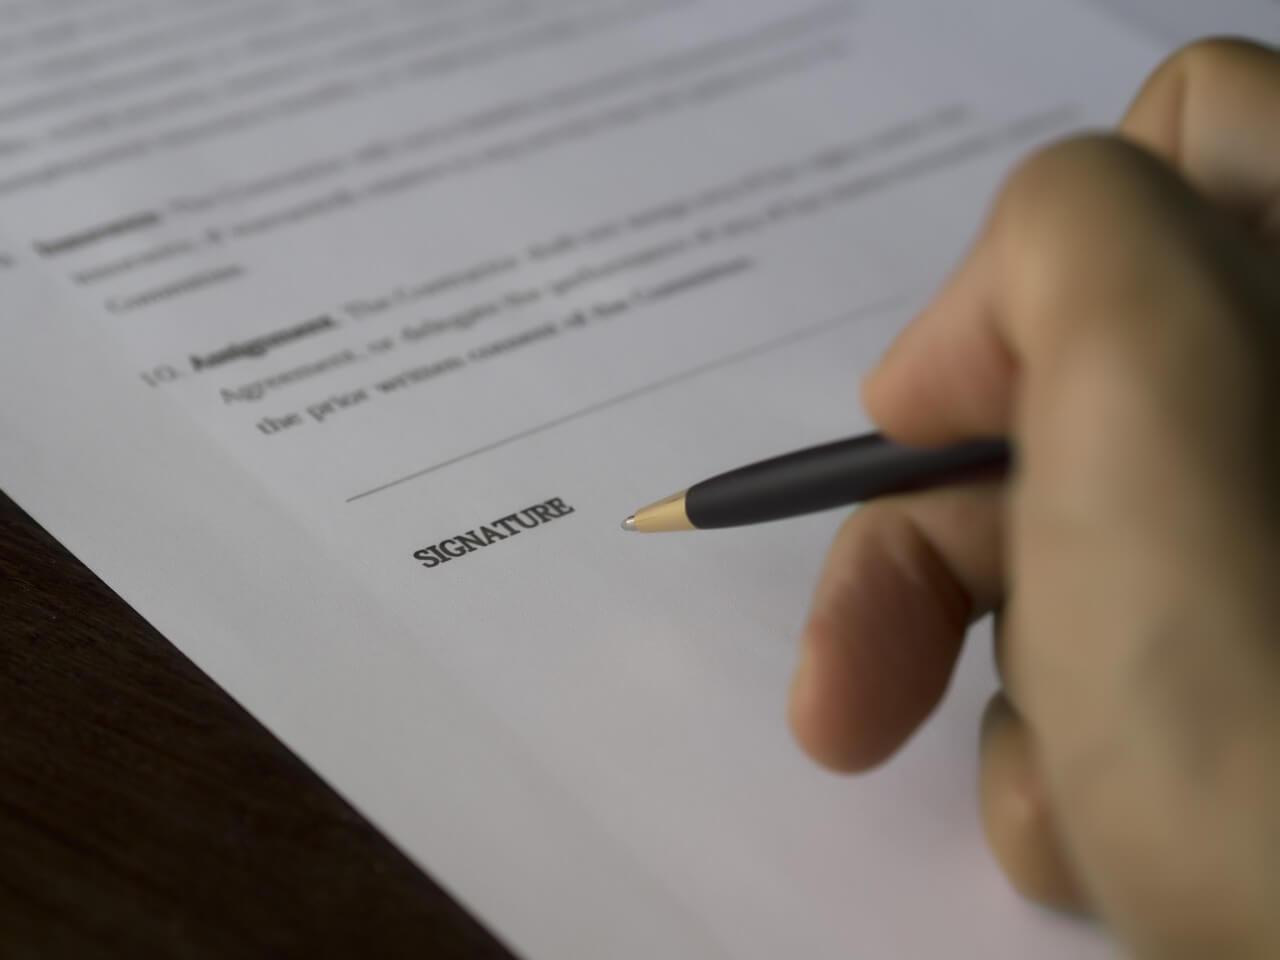 Sırbistan ile Avrasya Birliği Arasında Serbest Ticaret Anlaşması İmzalandı